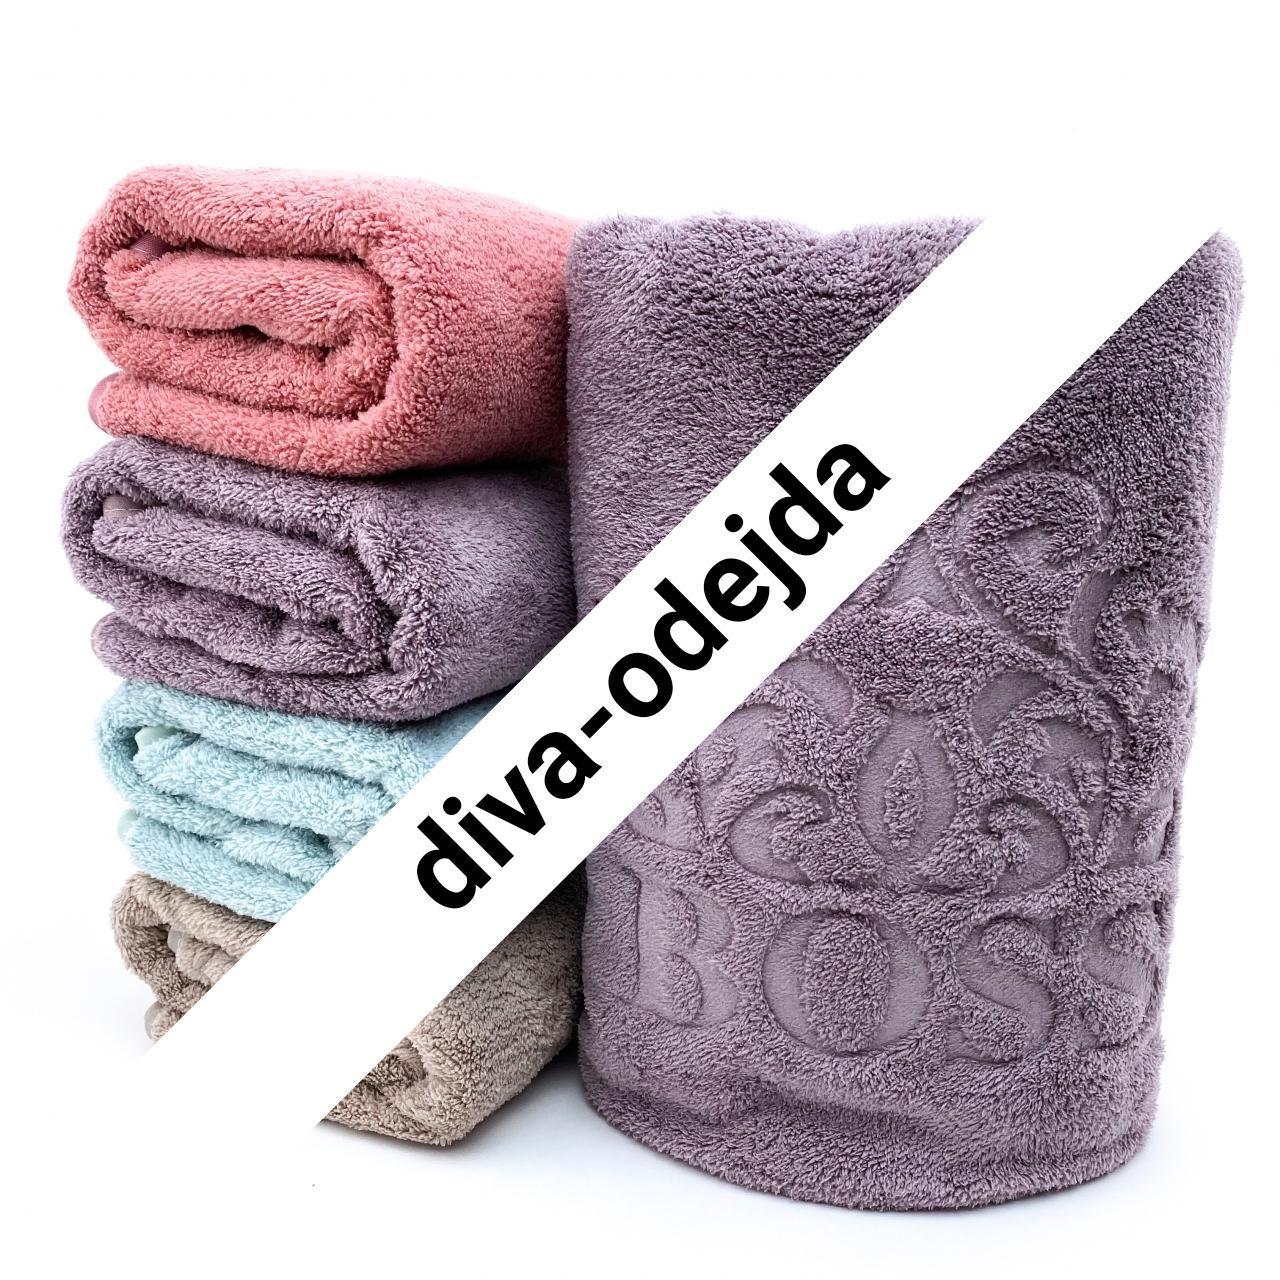 Банное полотенце из микрофибры с надписью Boss.Размер: 1,4 x 0,7